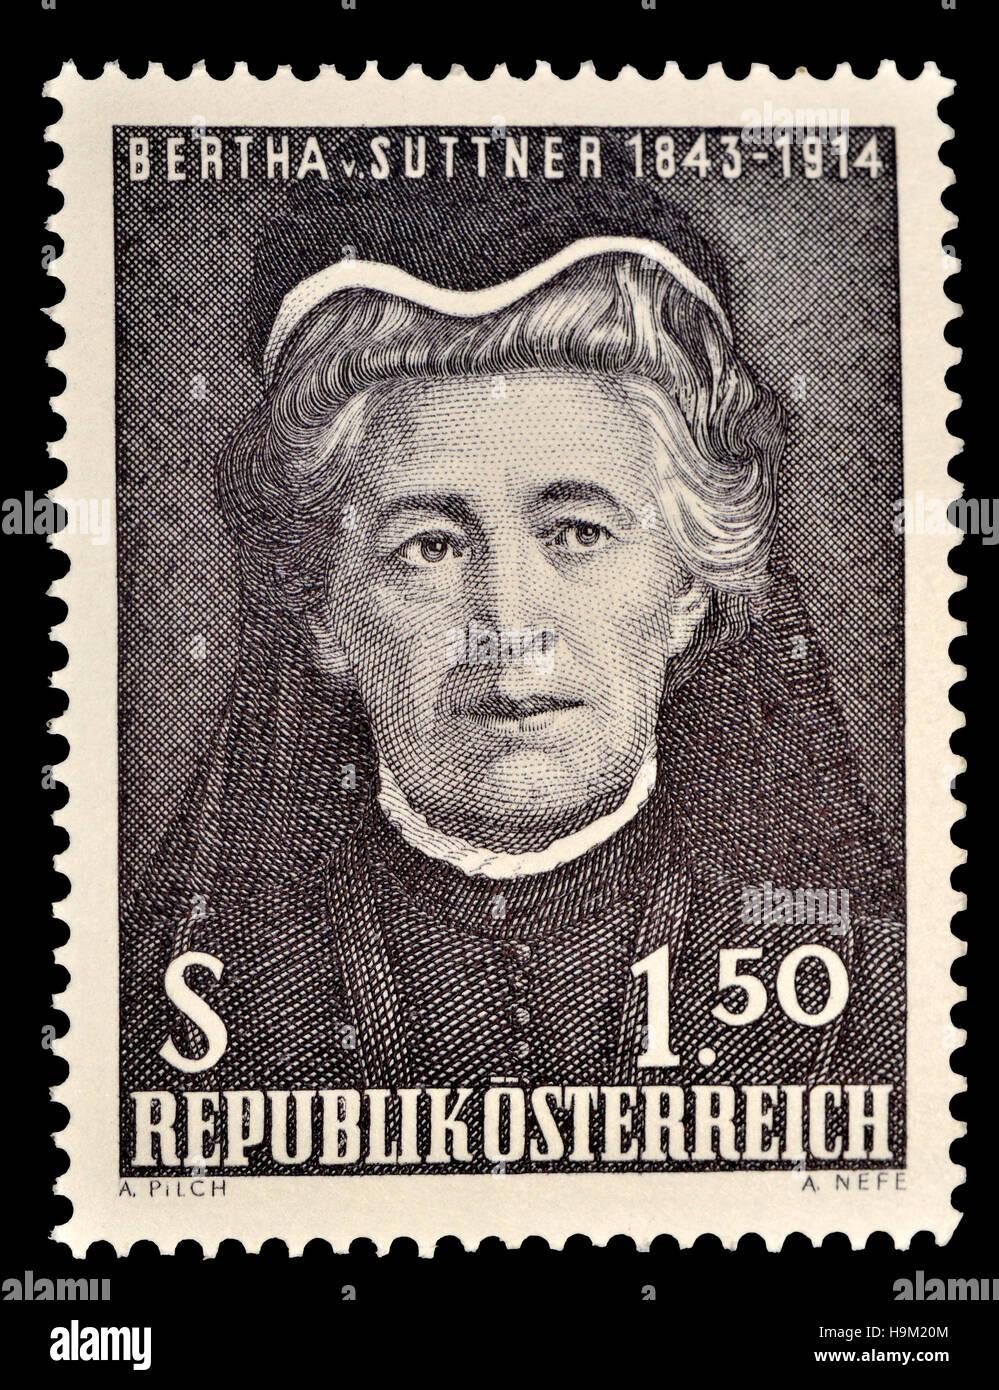 Austrian francobollo (1965) : Bertha Felicitas Sophie Freifrau von Suttner (1843-1914) Repubblica ceca / scrittore Immagini Stock